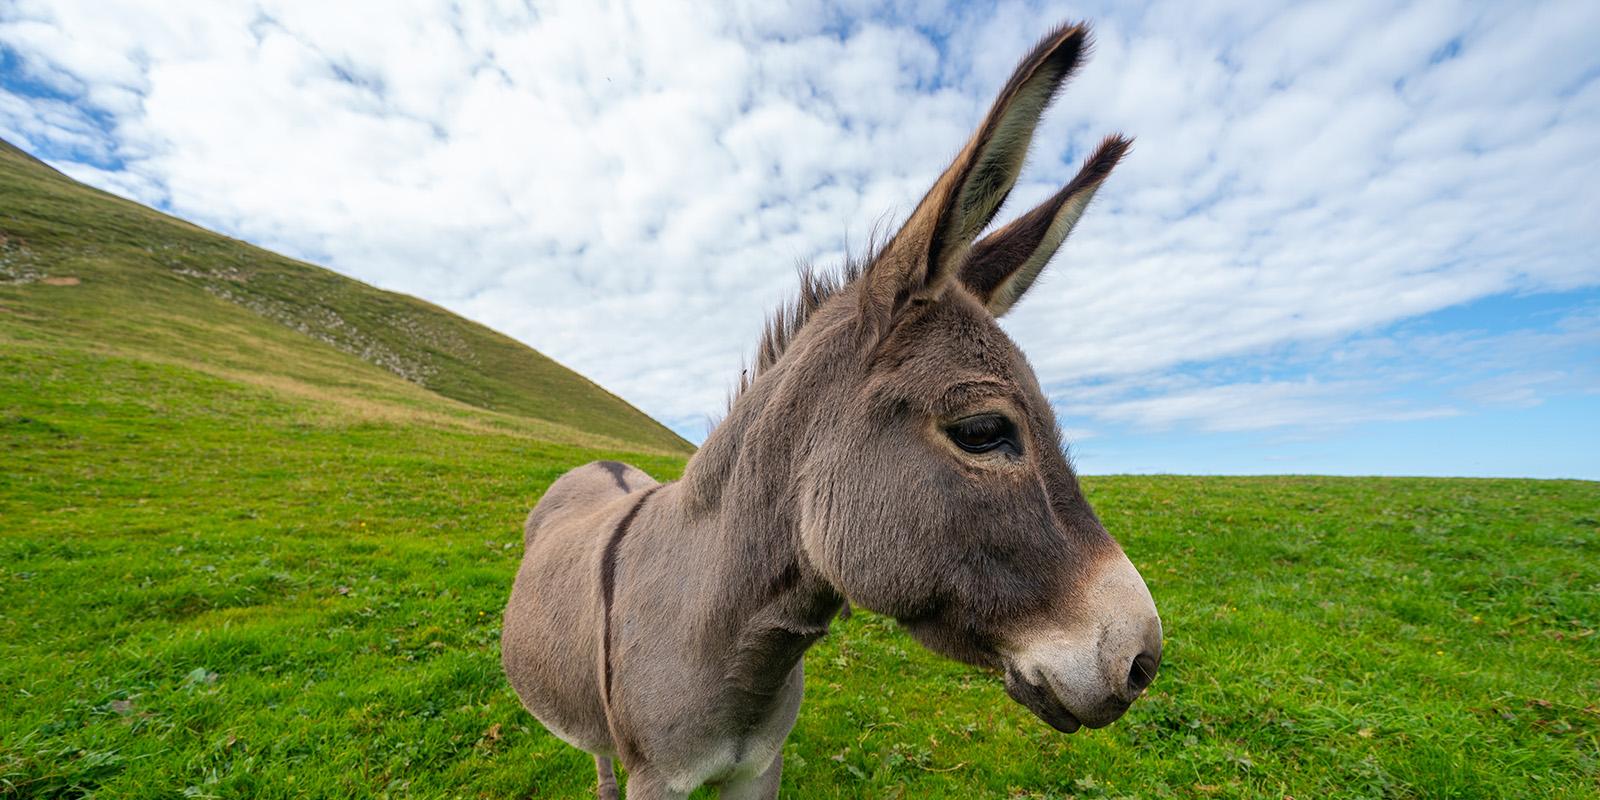 Donkey on a hill